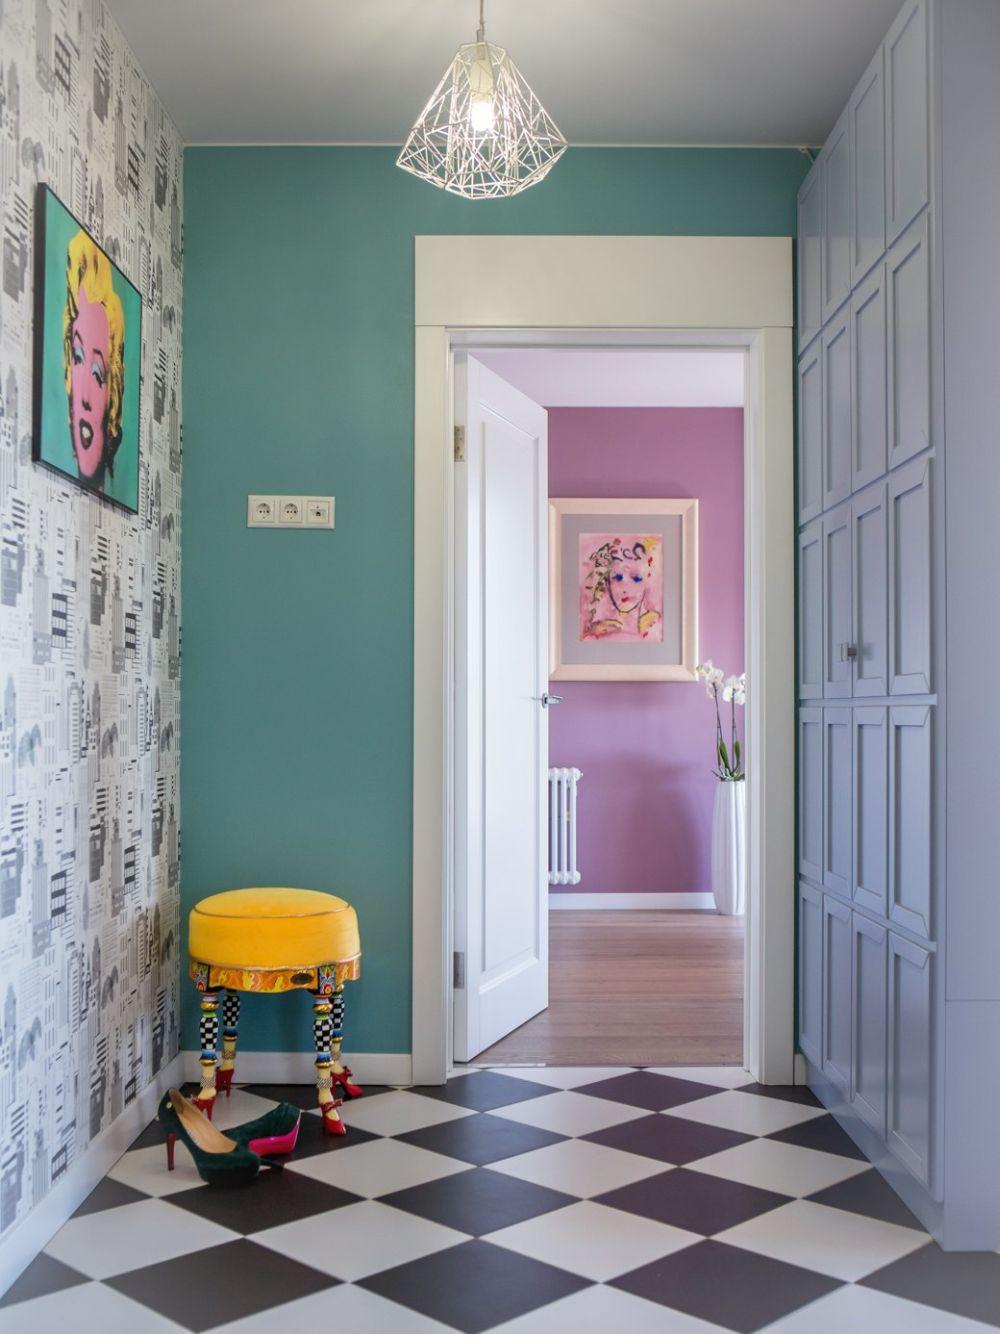 adelaparvu.com despre apartament 104 mp, 4 camere, Moscova, designer Maria Solovieva-Sosnowik, Foto Anna Kiseleva (27)